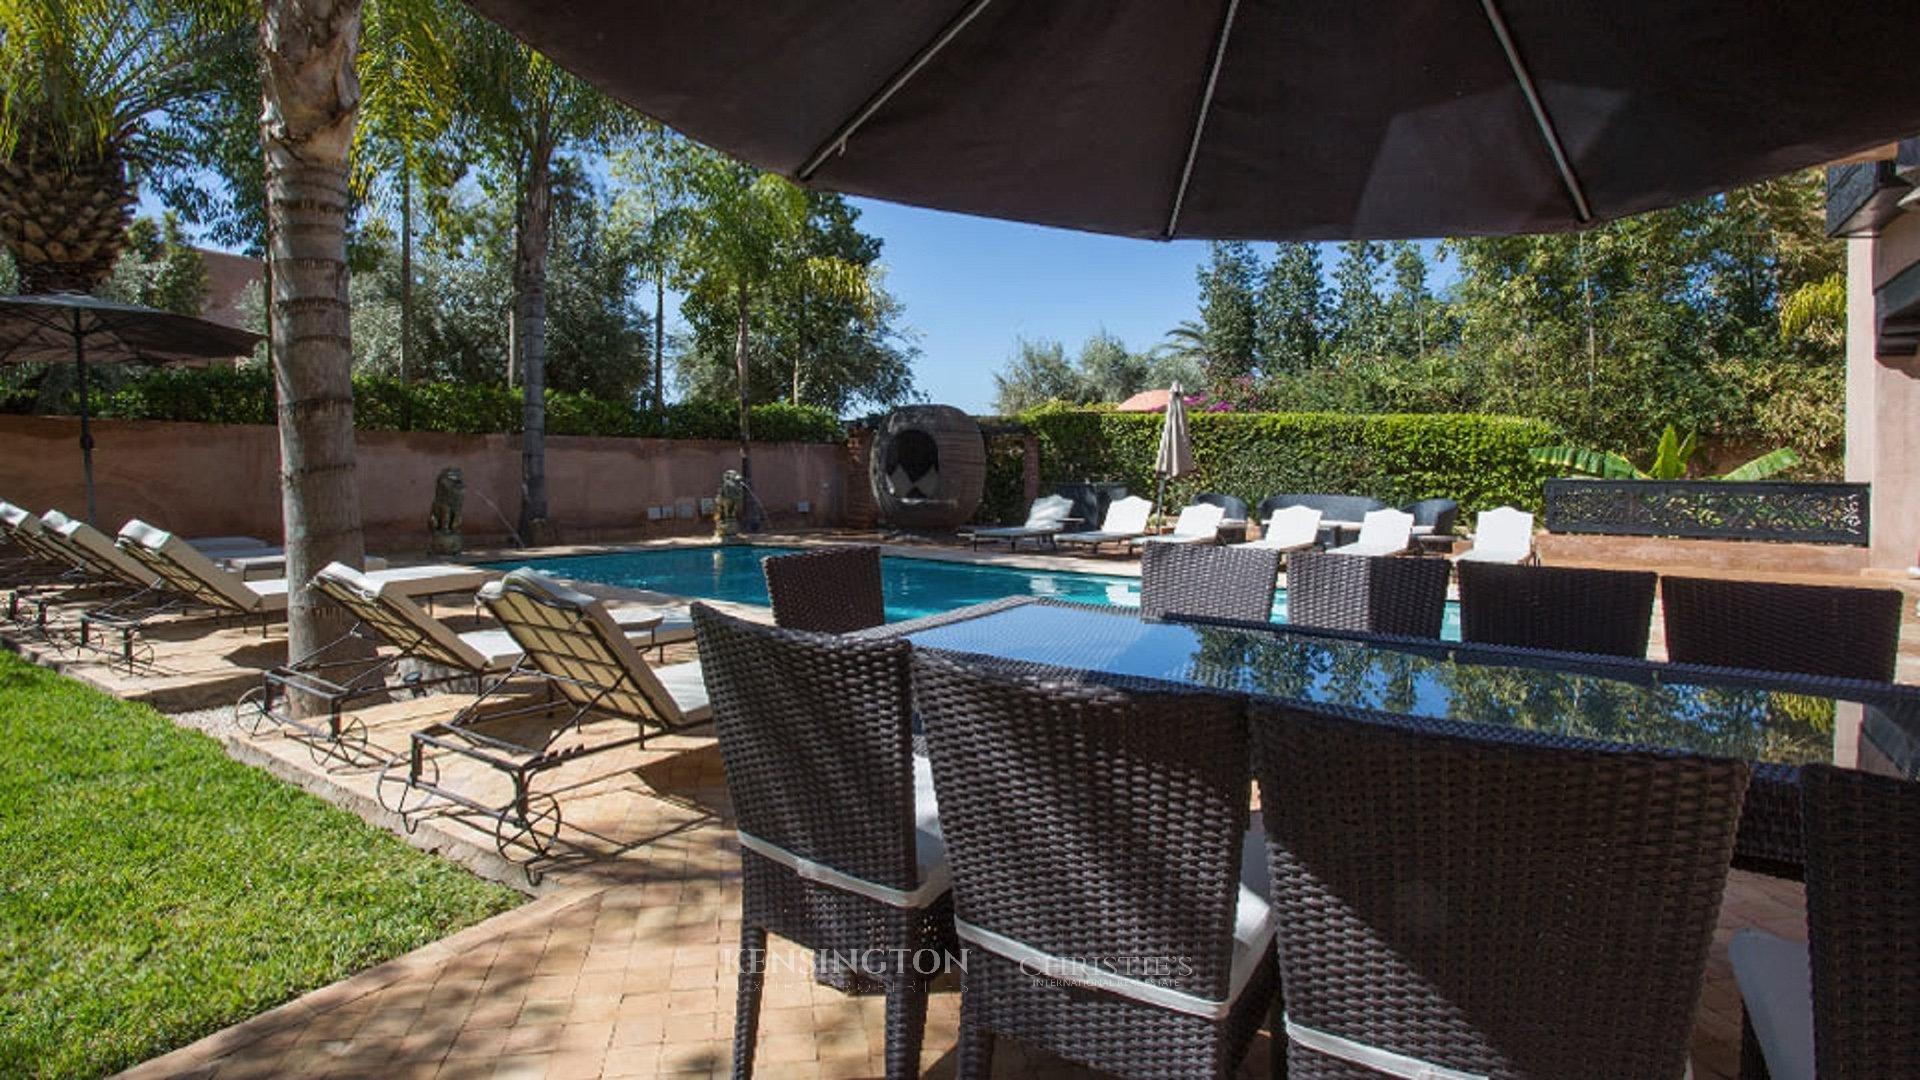 Villa ciss villa de luxe marrakech kensington maroc for Club piscine entrepot